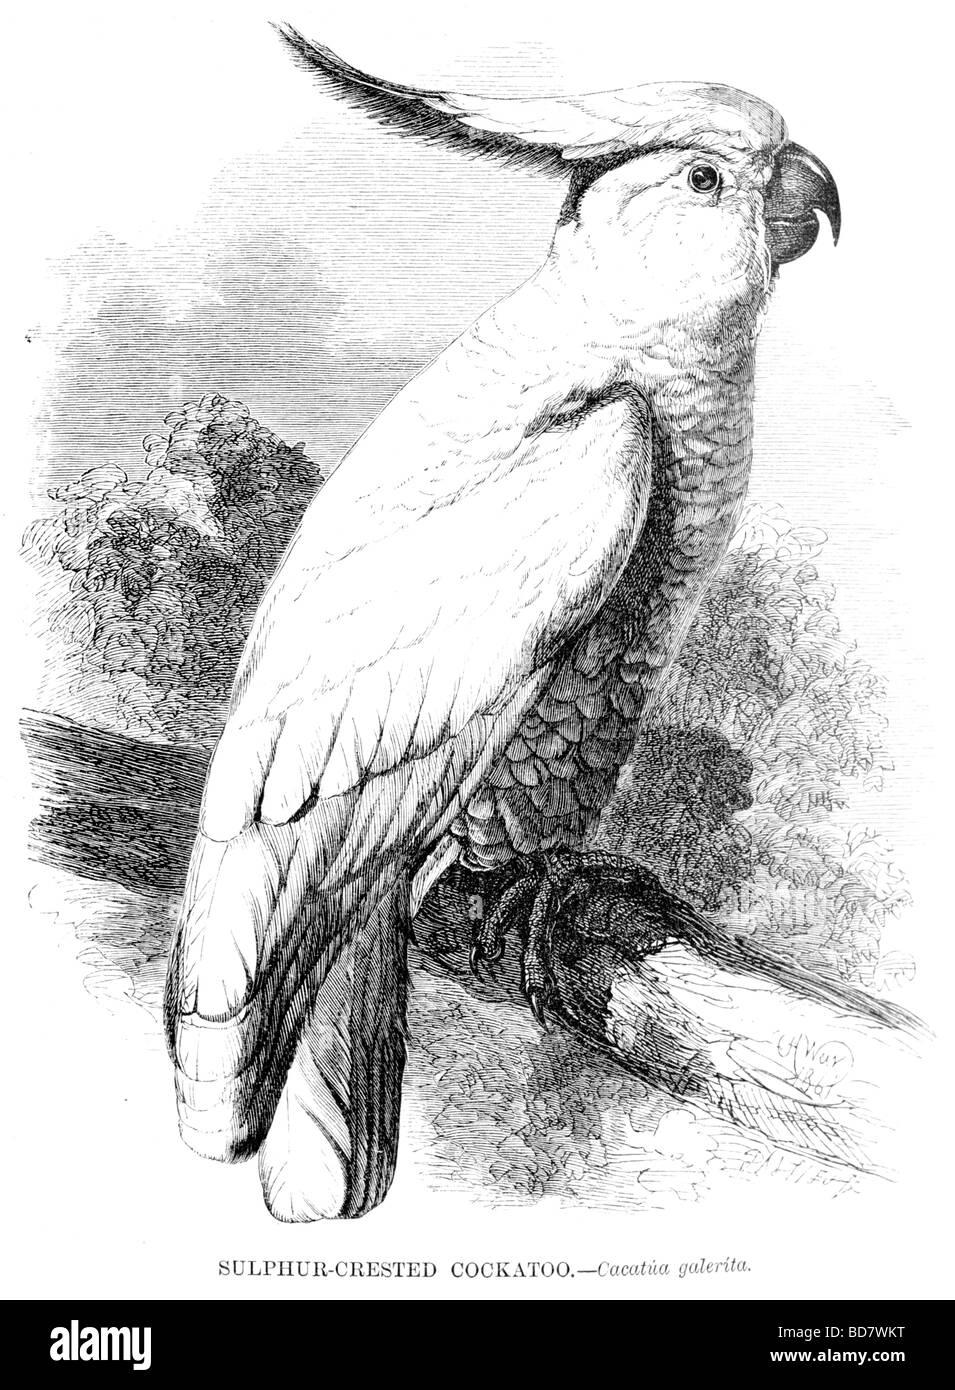 sulphur crested cockatoo cacatua galerita - Stock Image